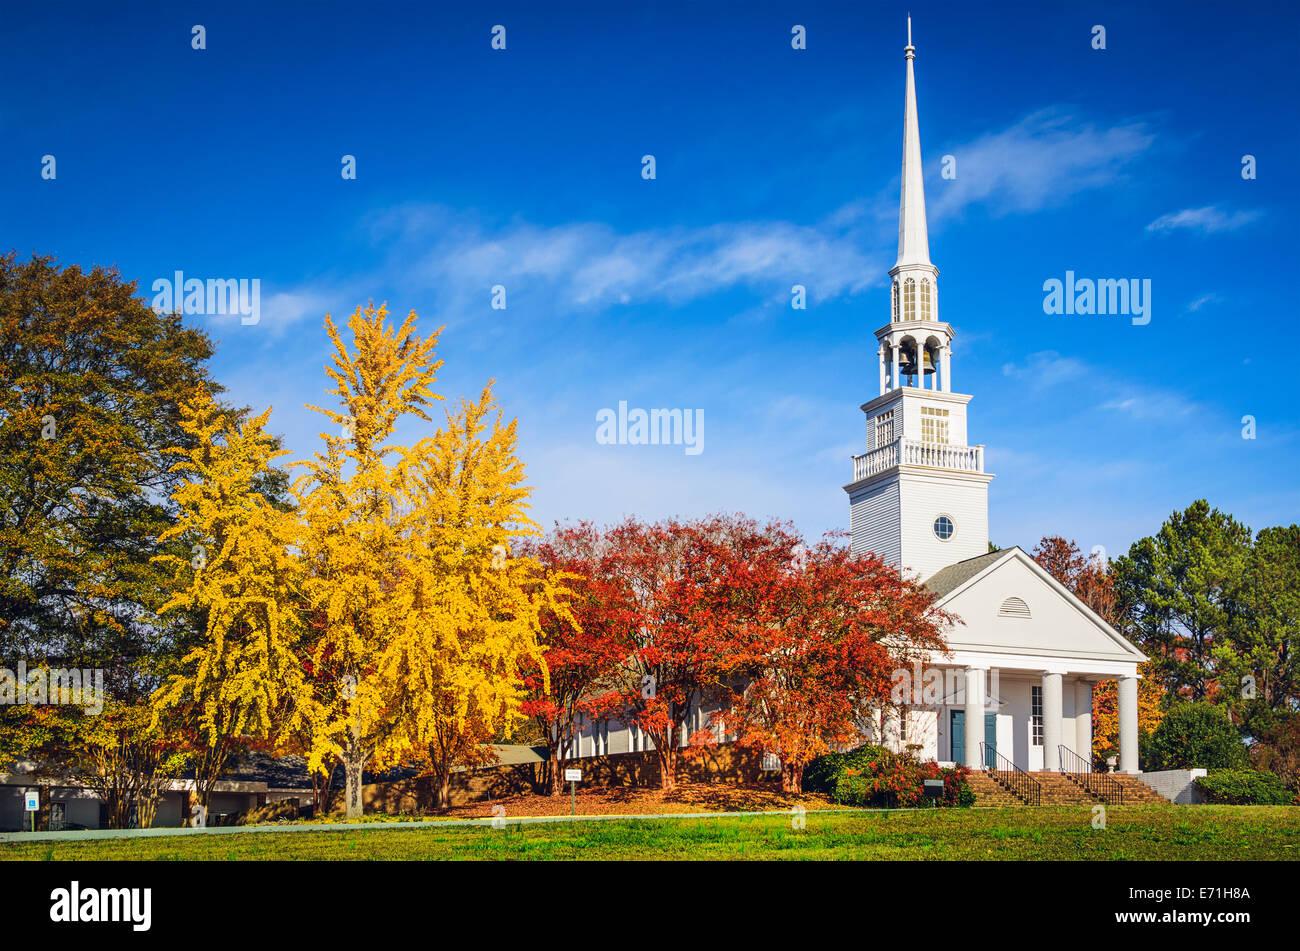 Iglesia tradicionales del sur en la temporada de otoño. Imagen De Stock